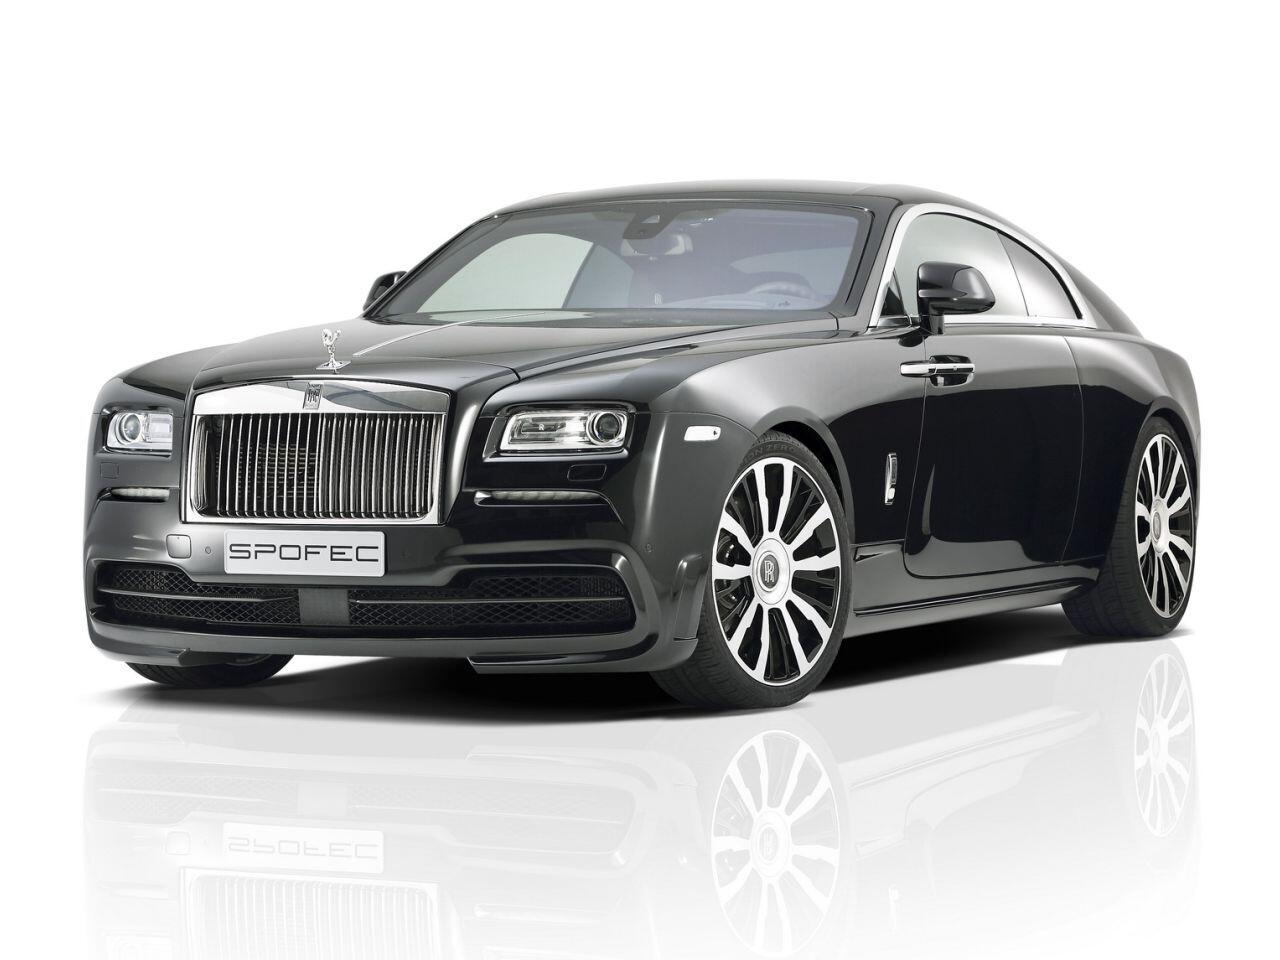 Bild zu Rolls-Royce Wraith von Spofec